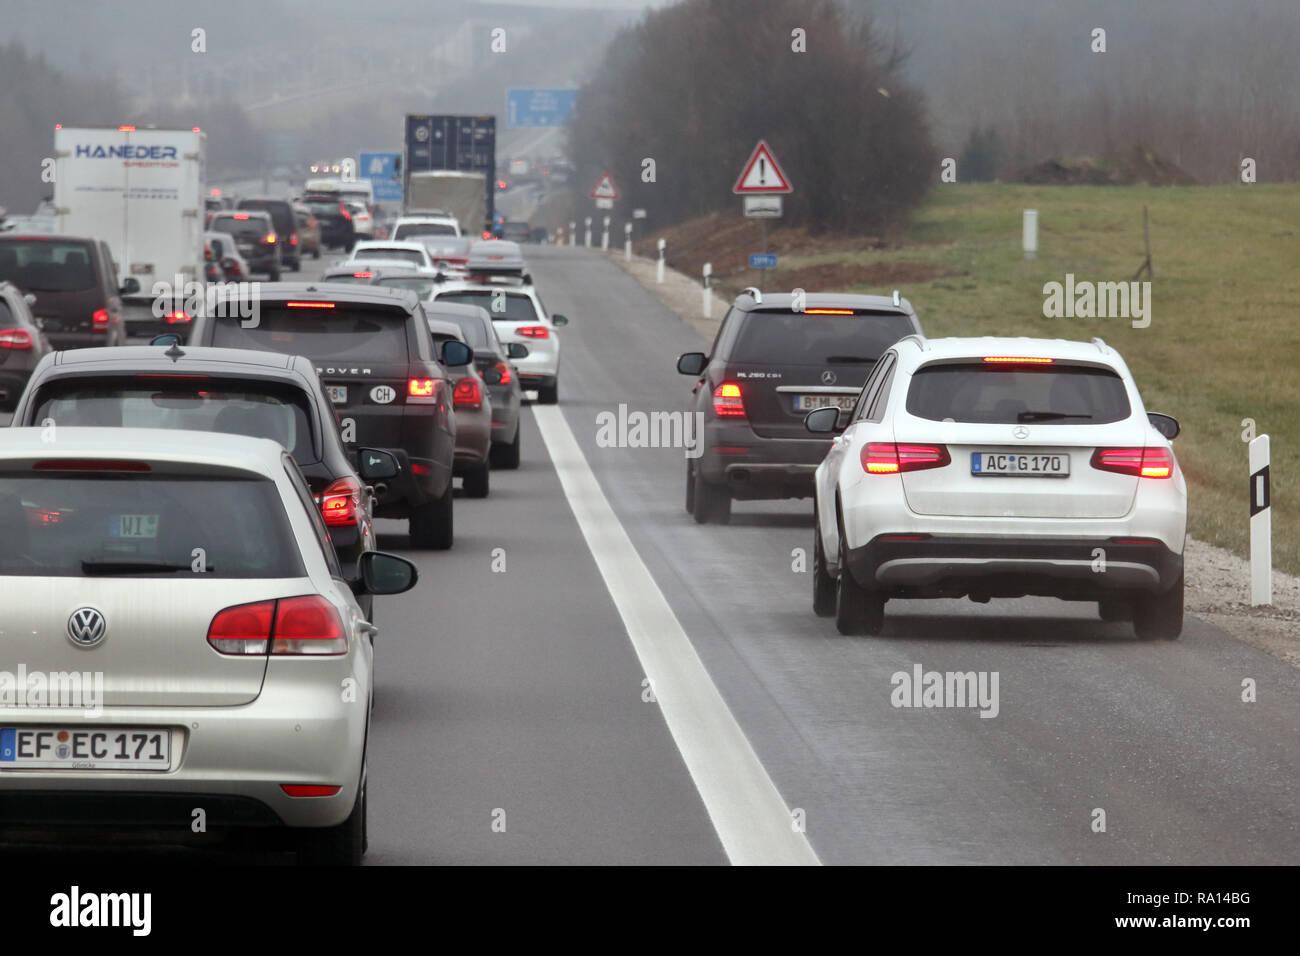 10.02.2018, Bayern, Allersberg, Deutschland, Seitenstreifen der A9 wurde wegen hohen Verkehrsaufkommens fuer den Verkehr freigegeben. 00S180210D111CAR Stock Photo